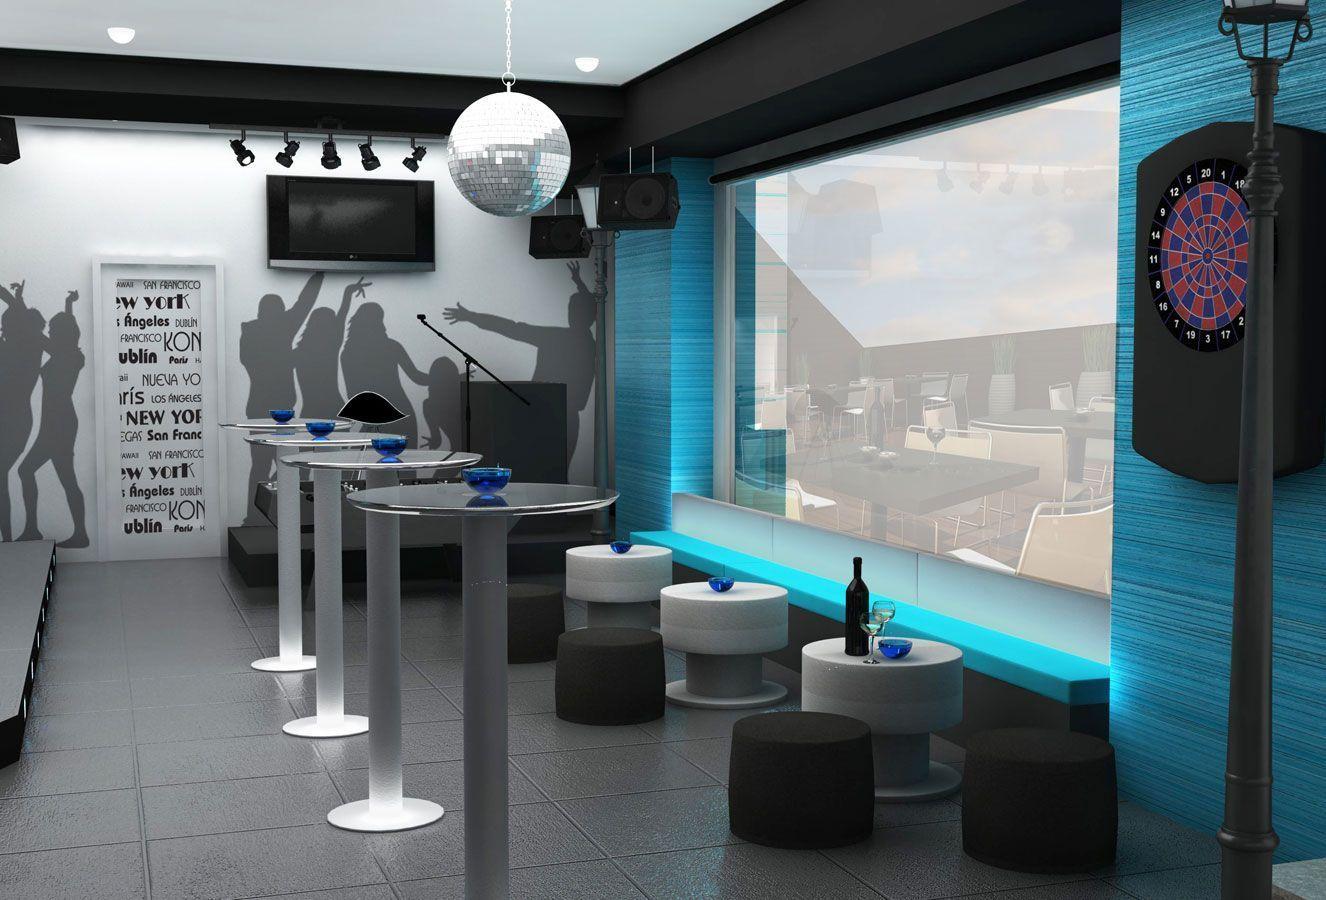 Proyecto de diseño de bar de copas en Madrid - Interia.es